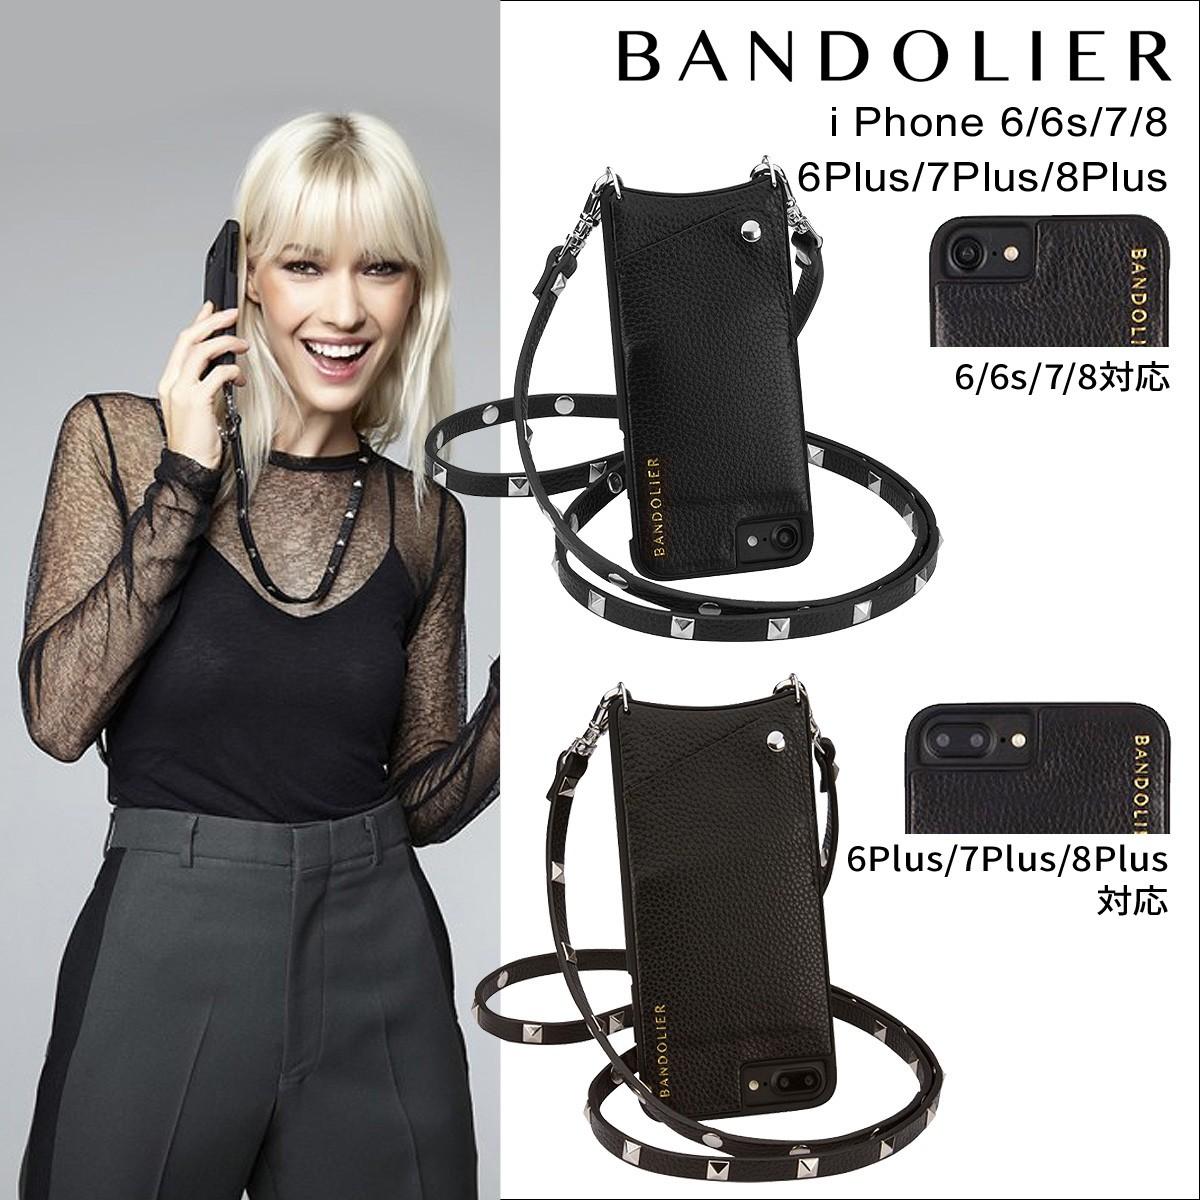 BANDOLIER バンドリヤー iPhone7 7Plus 6s ケース スマホ アイフォン プラス レザー スタッズ メンズ レディース [9/5 再入